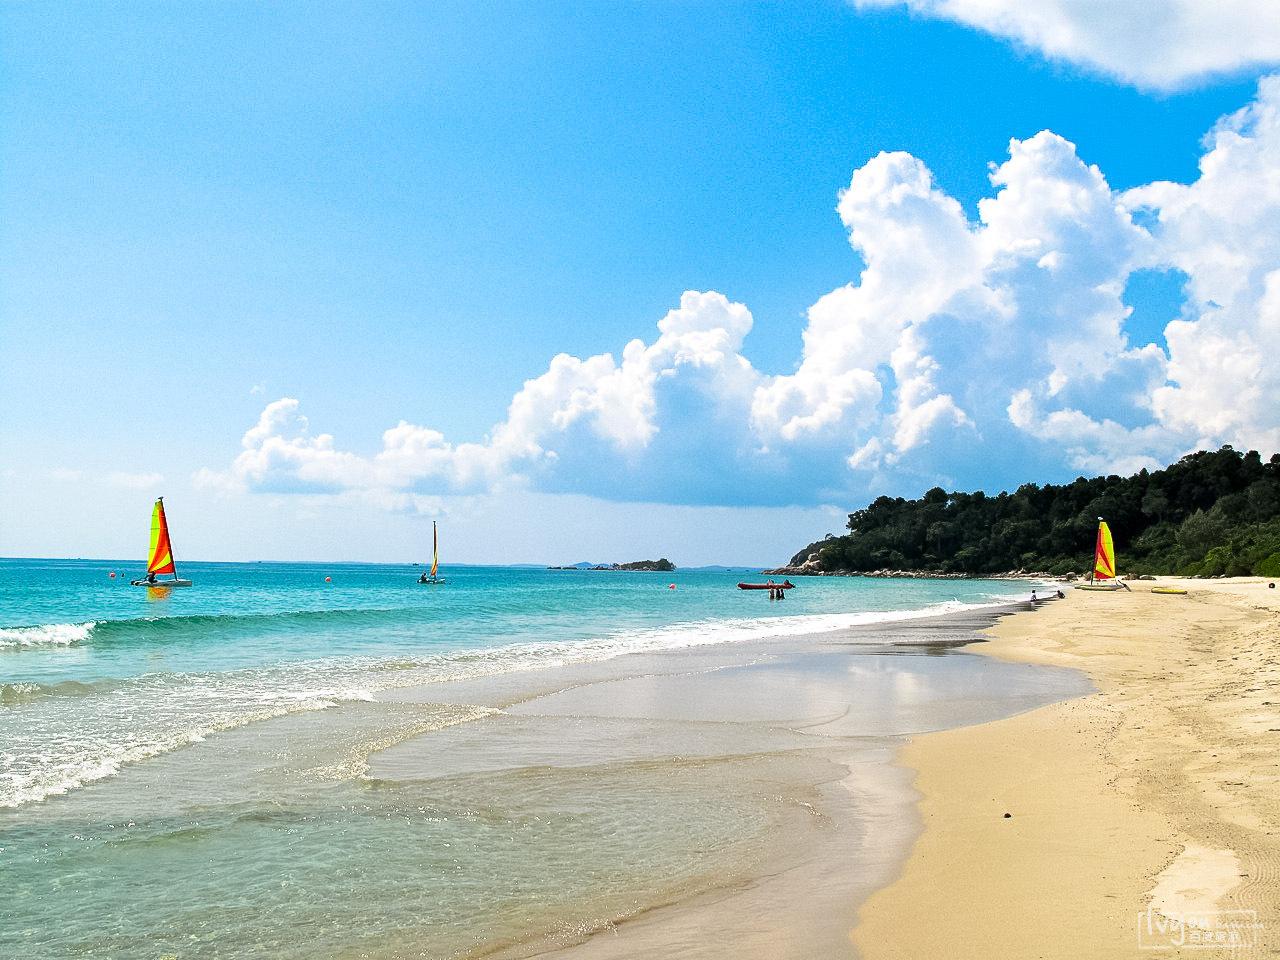 亚洲印度尼西亚民丹岛